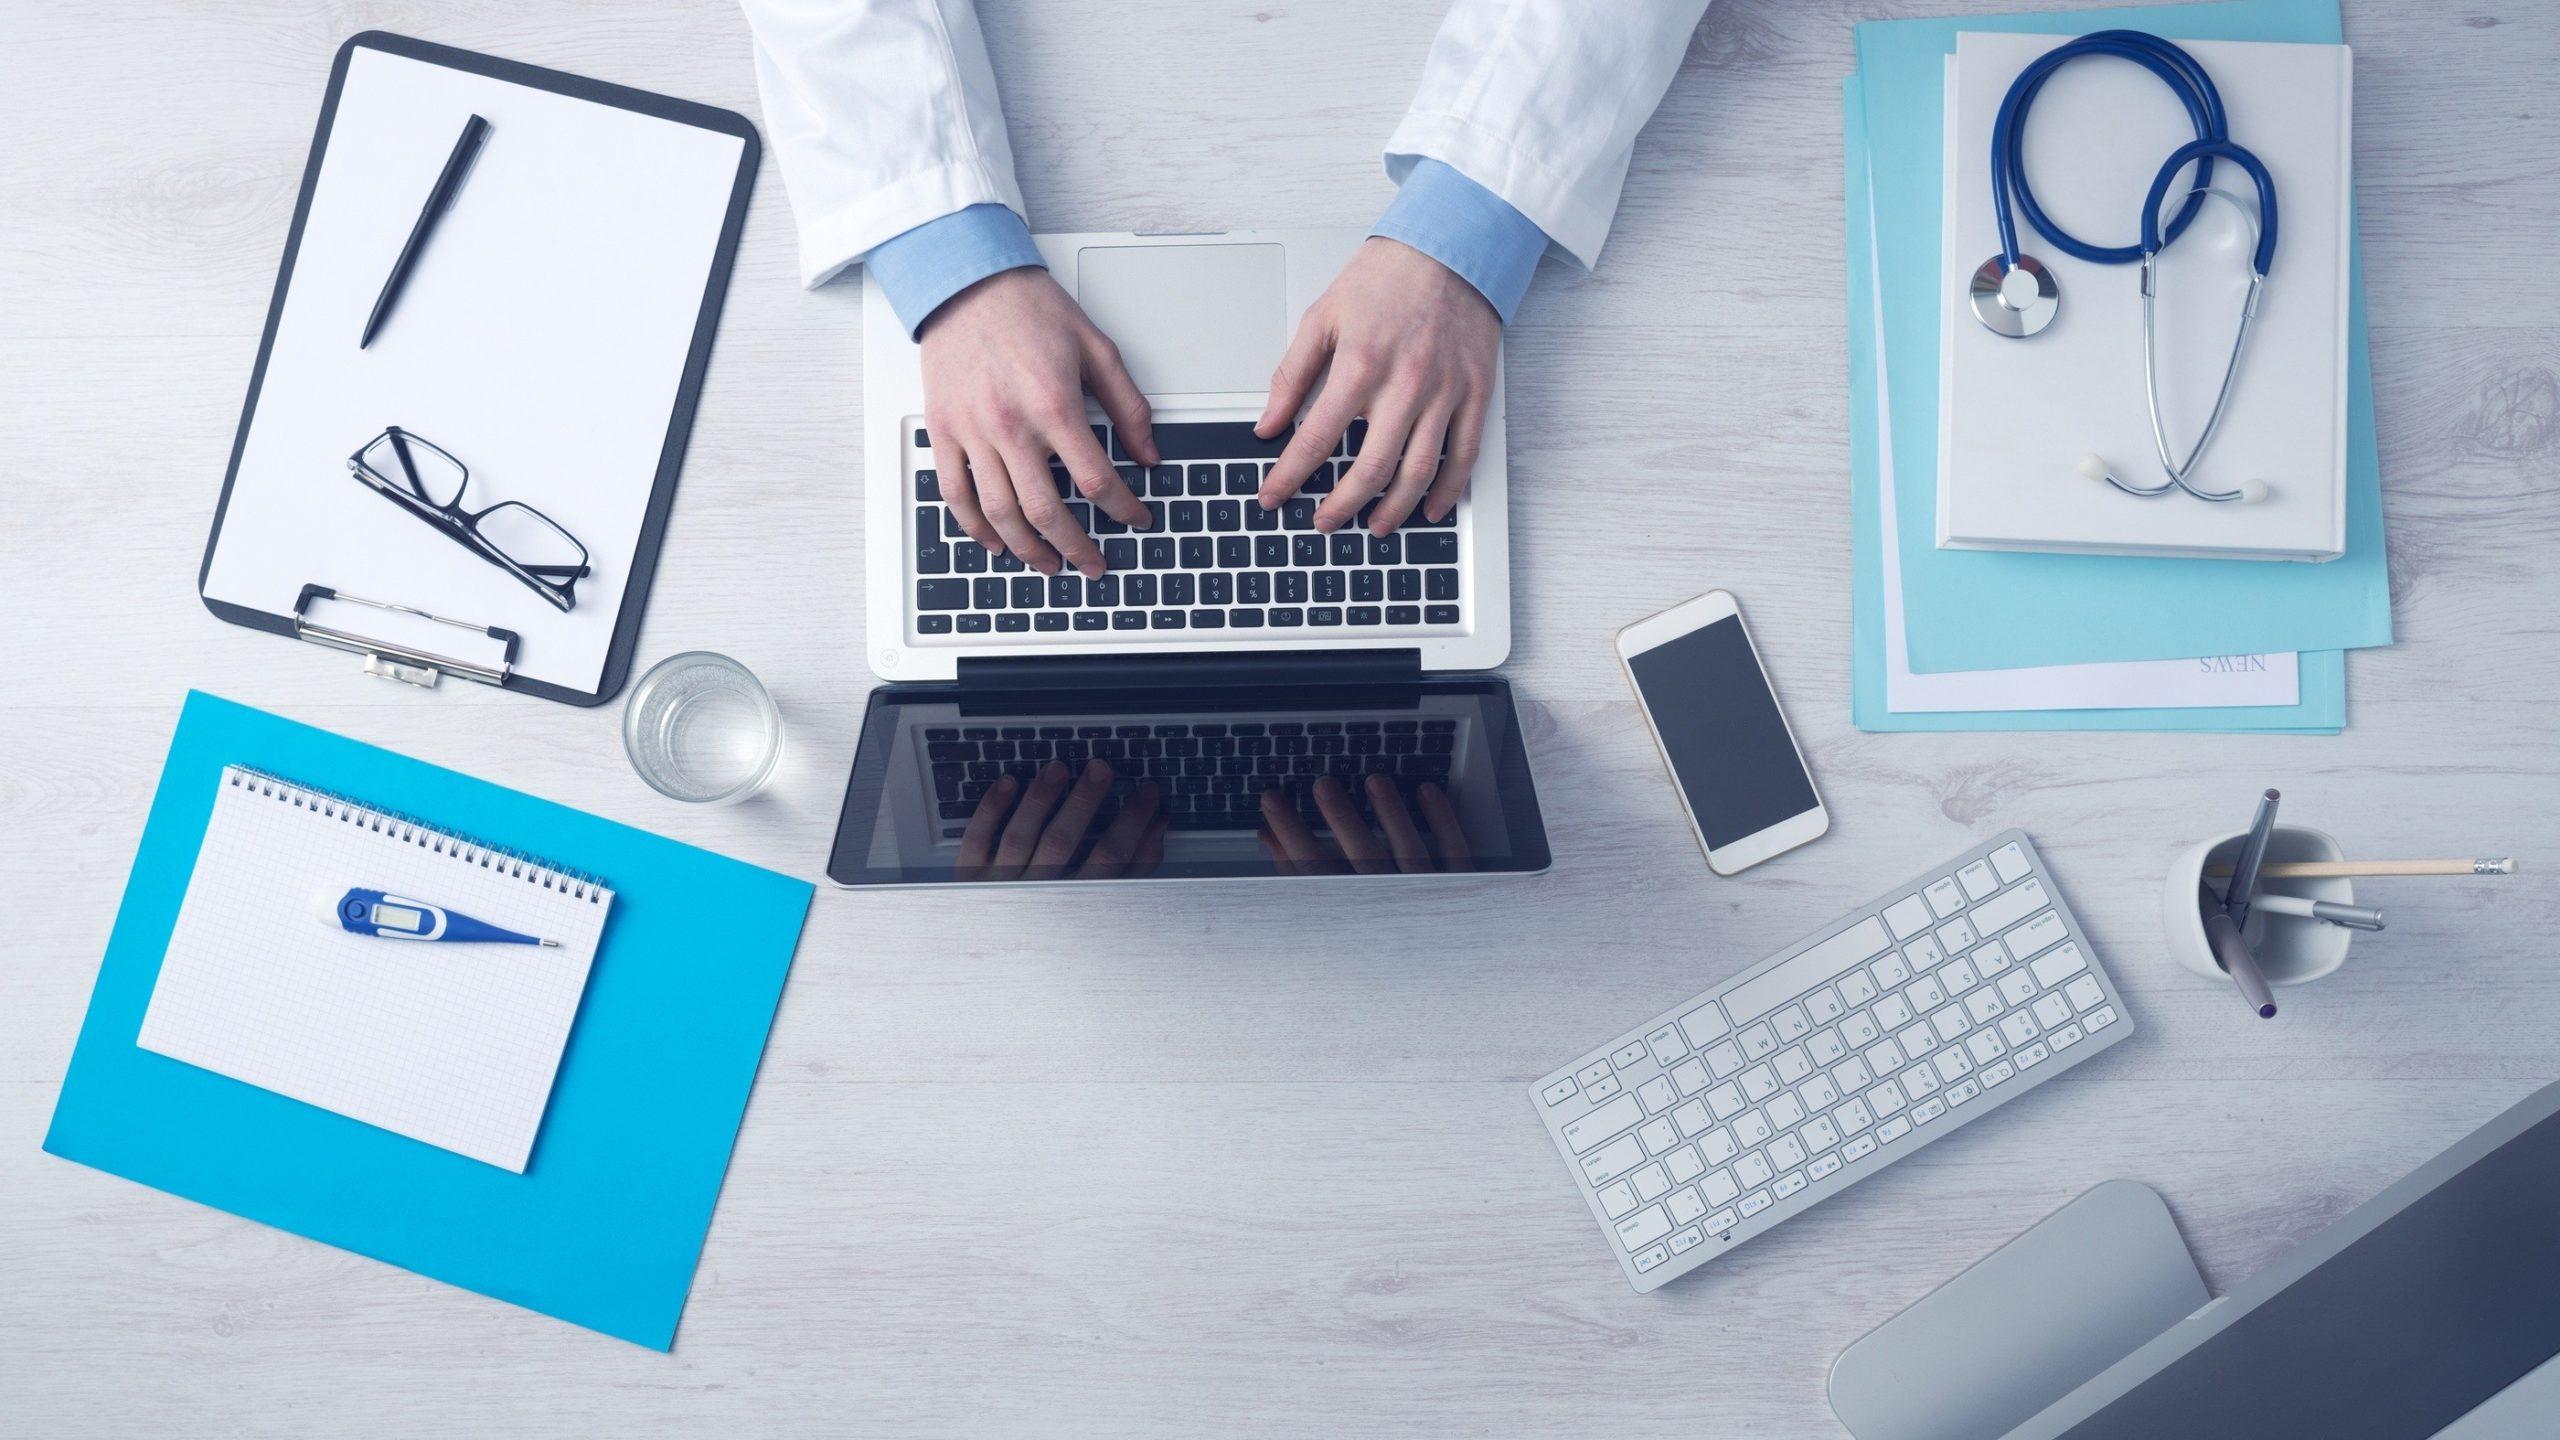 La AEPD analiza por primera vez el cumplimiento de la protección de datos en el ámbito de la atención sociosanitaria